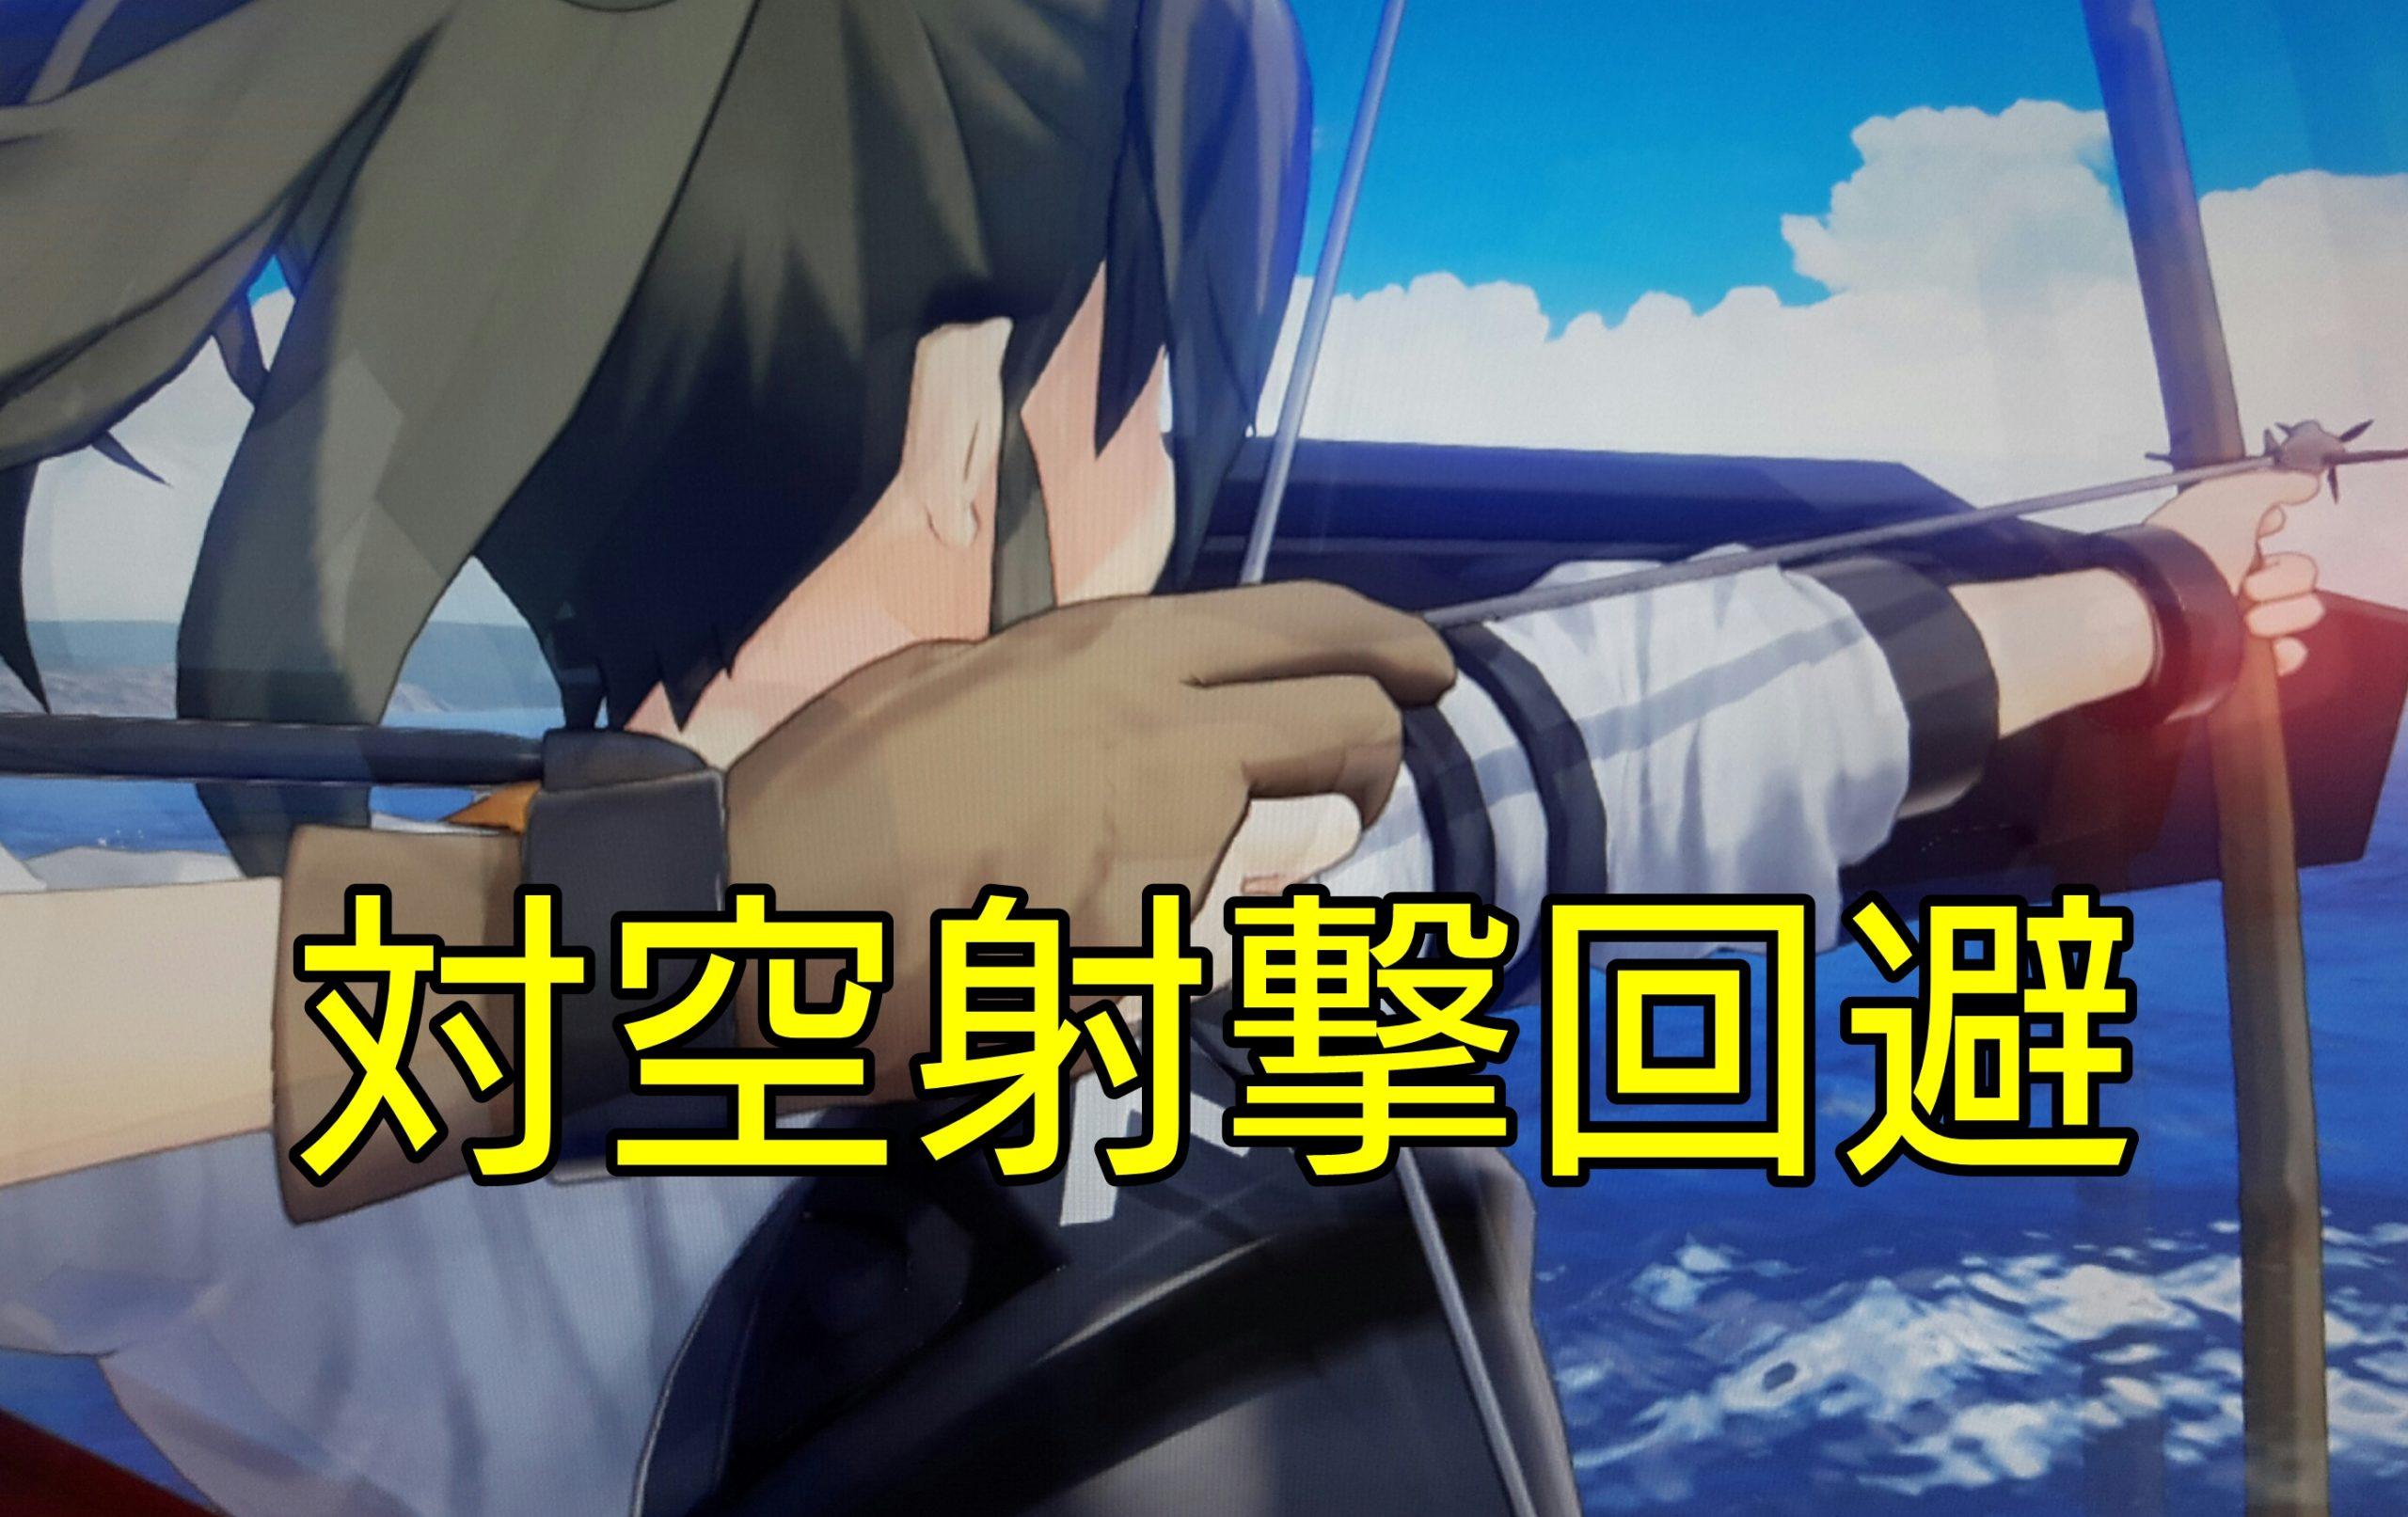 【AC】対空射撃回避システムまとめ